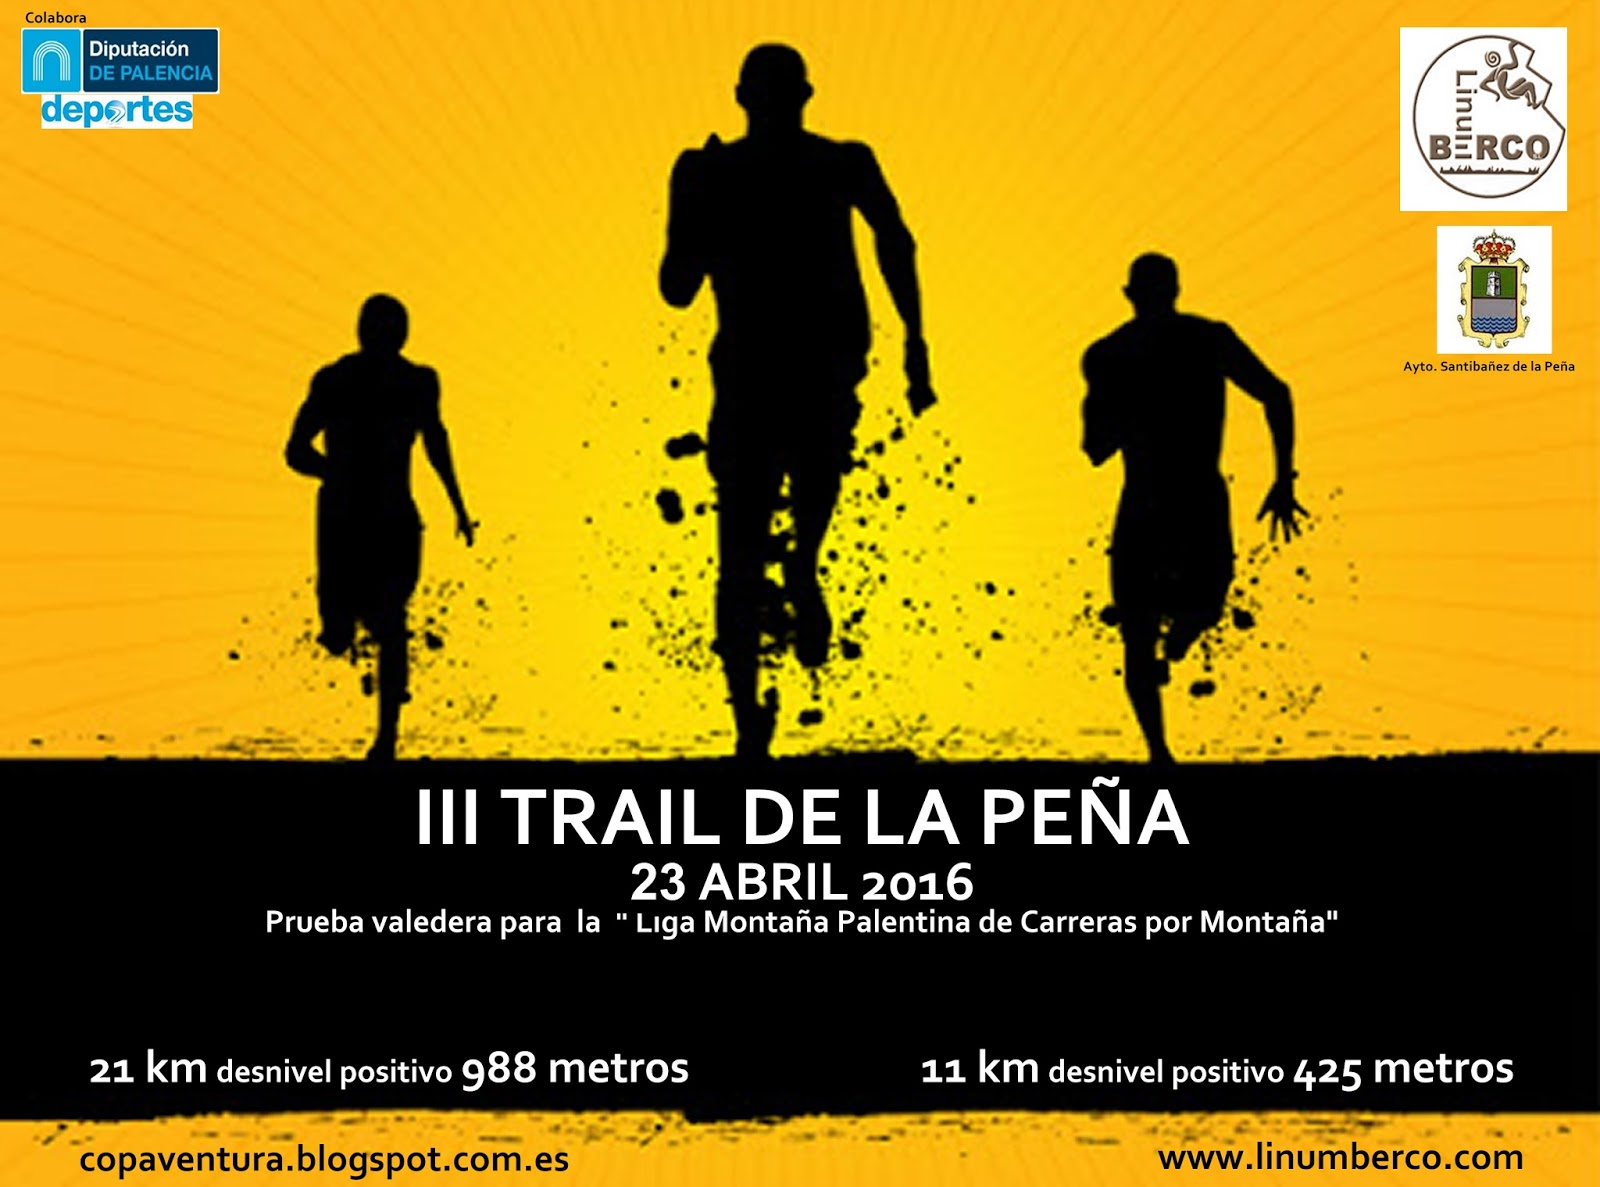 III TRAIL DE LA PEÑA